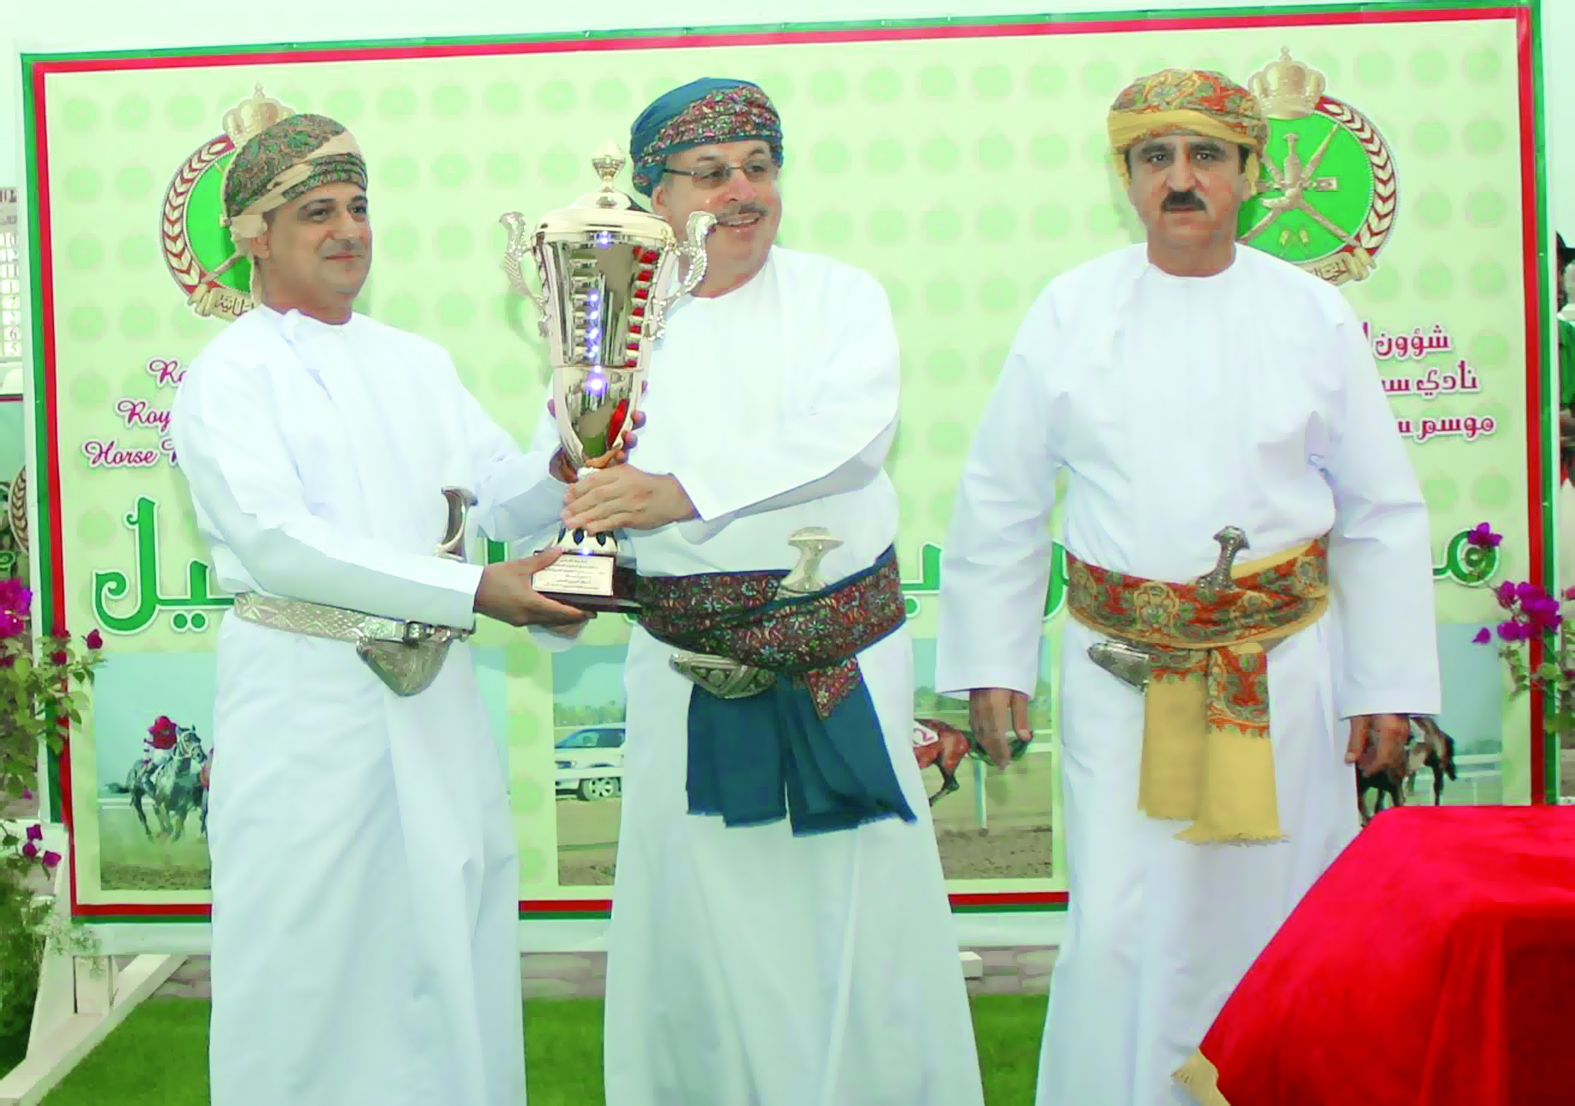 في منافسات نادي سباق الخيل السلطانيالخيالة السلطانية تظفربكأس الديربي العماني